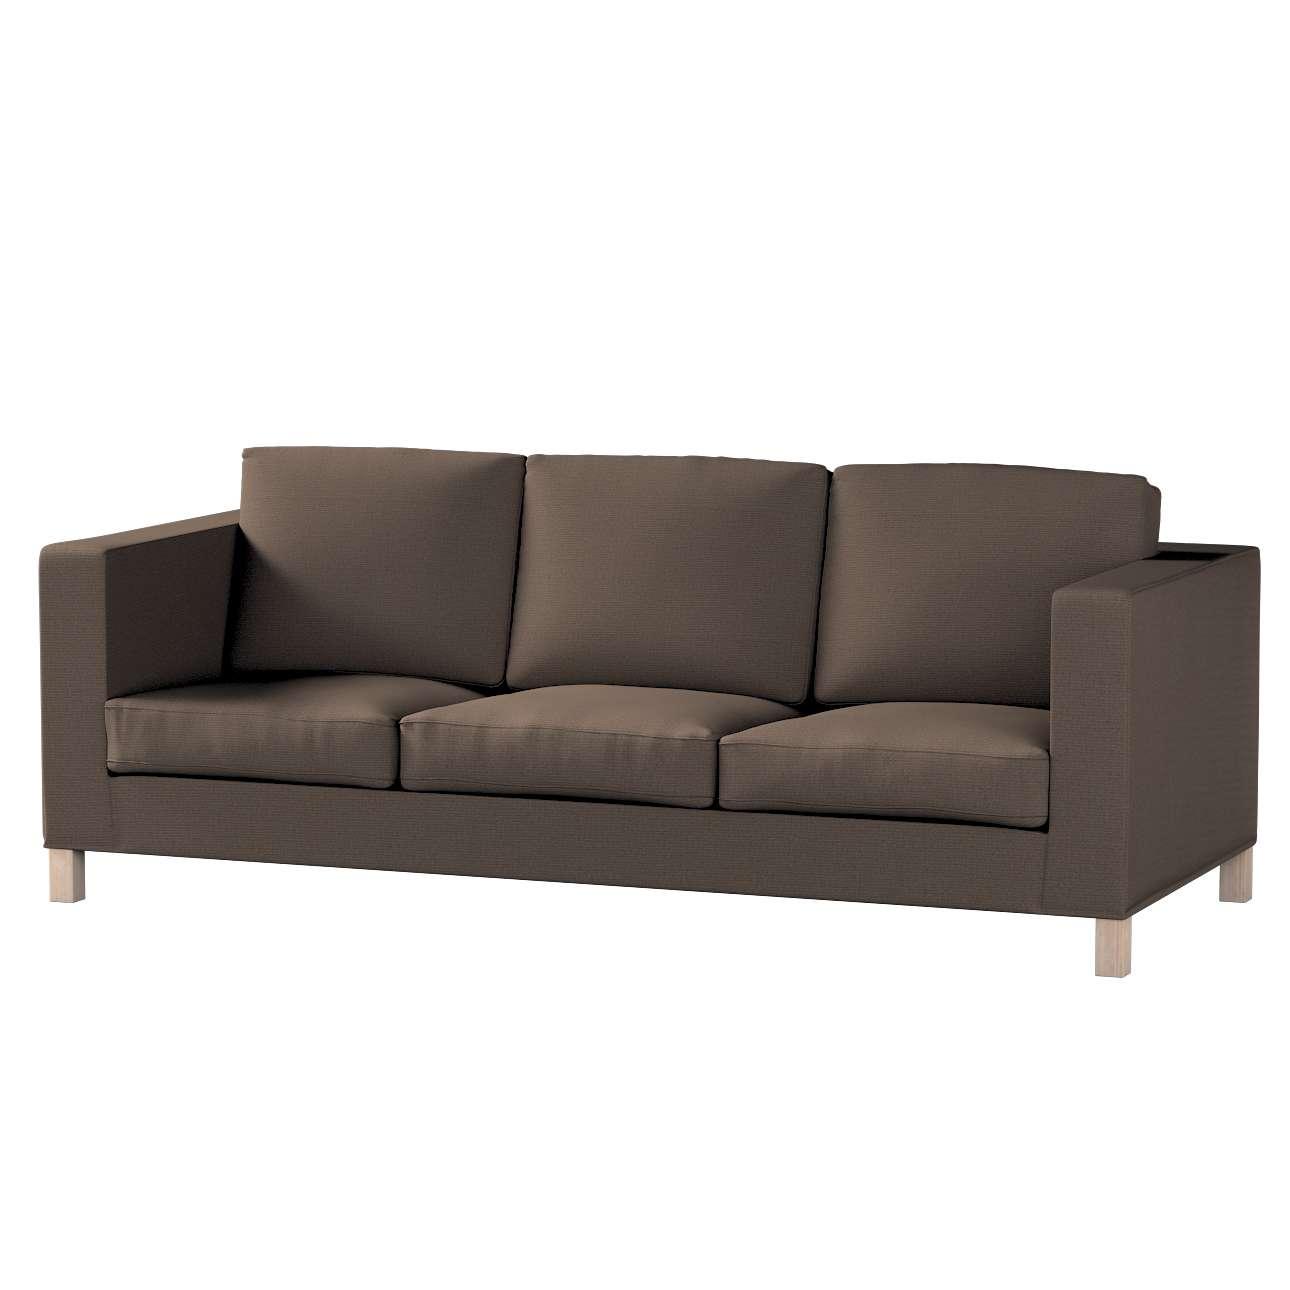 KARLANDA trivietės sofos užvalkalas KARLANDA trivietės sofos užvalkalas kolekcijoje Etna , audinys: 705-08